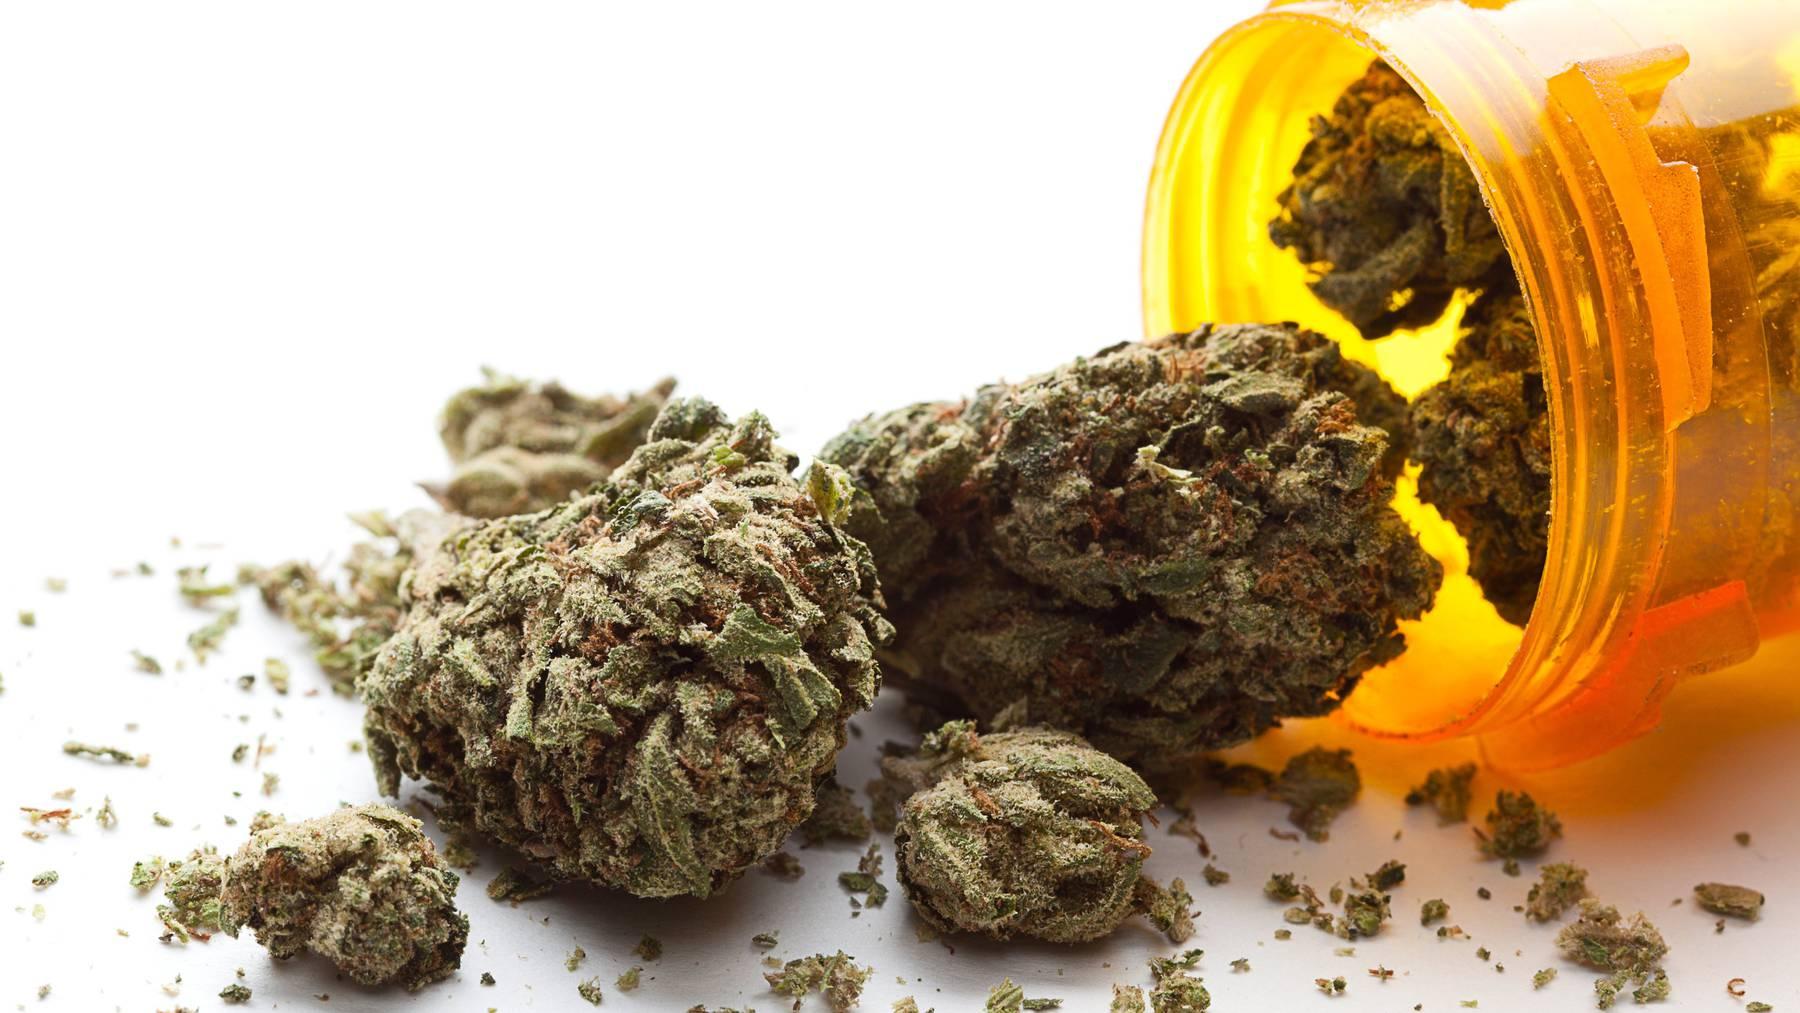 Der Besitz von Cannabis in geringen Mengen könnte straffrei werden.